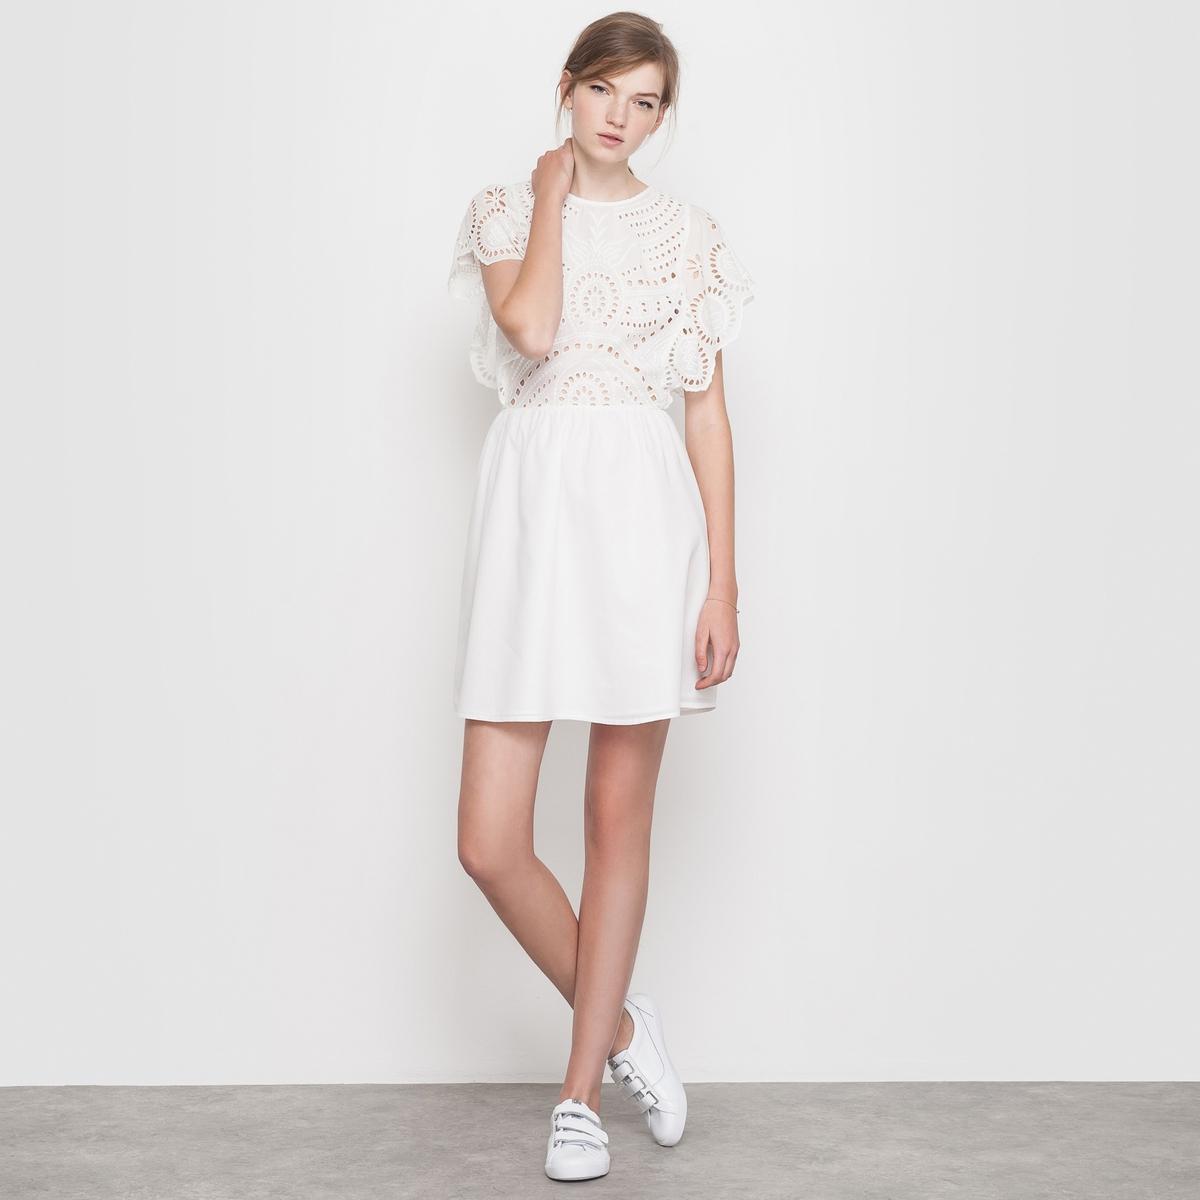 Платье с вышивкойПлатье. Красивый расшитый материал, широкий покрой! Верх с вышивкой. Вырез-капелька с застежкой на пуговицу сзади. Состав и деталиМатериал: 100% хлопкаДлина 90 смБренд: Mademoiselle R<br><br>Цвет: слоновая кость<br>Размер: 40 (FR) - 46 (RUS)